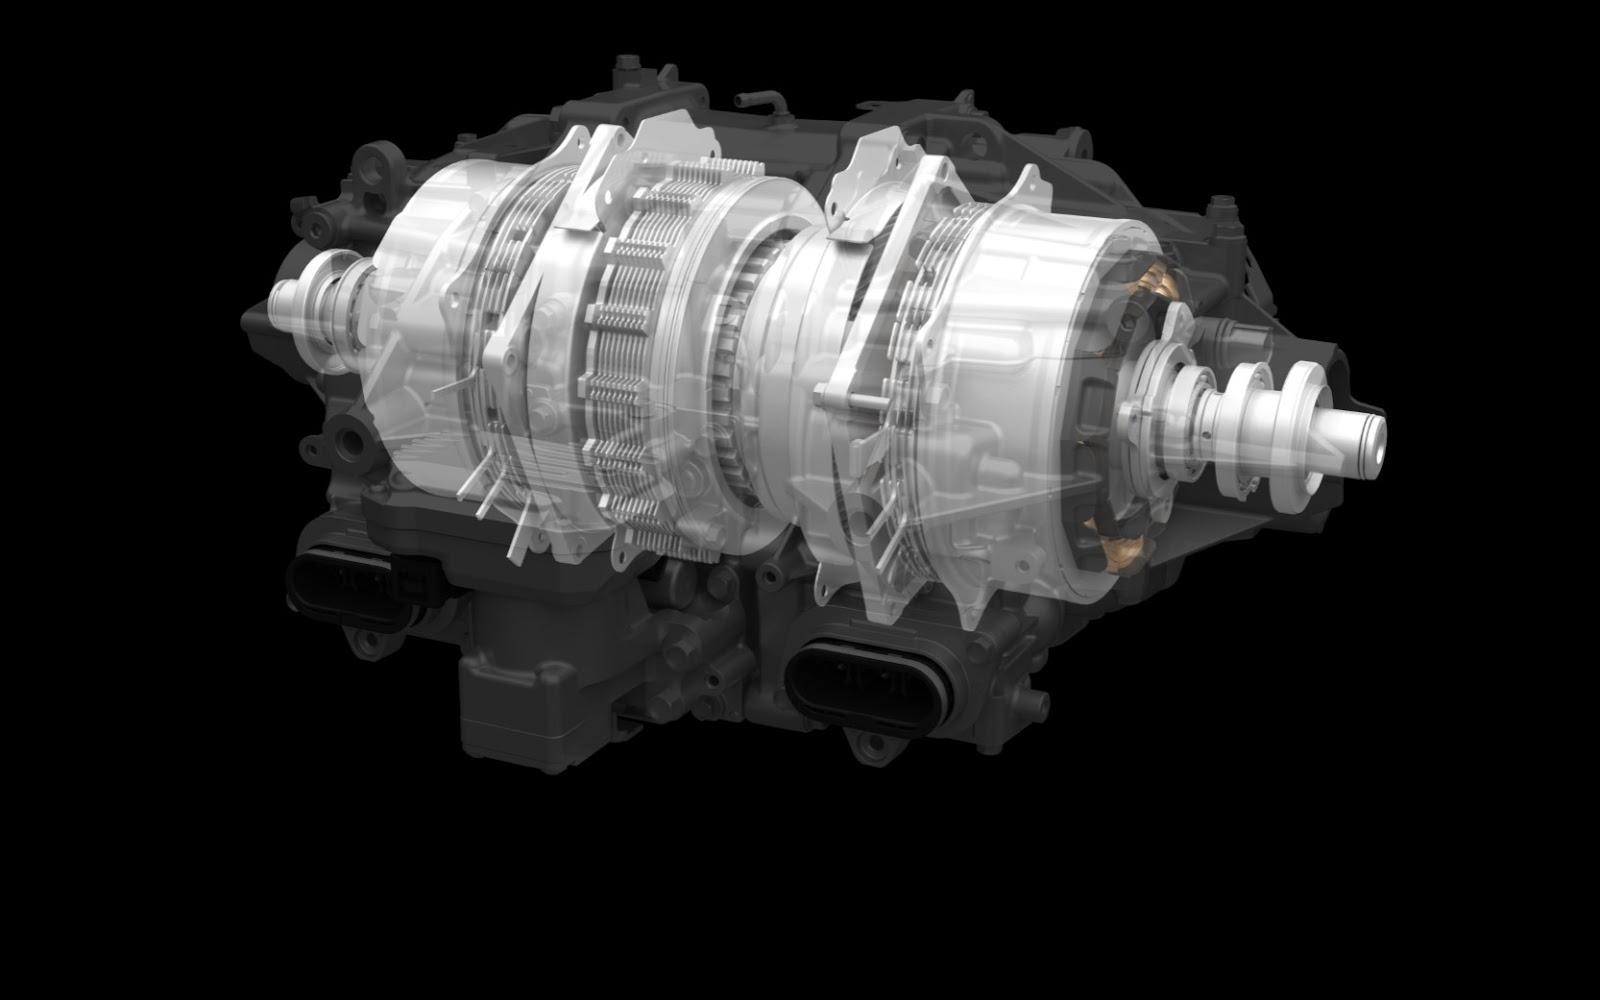 54632 2015 Honda NSX SAE Honda NSX: Ακτινογραφώντας το τέρας car, cars, Honda, Honda NSX, NSX, zblog, ιπποδύναμη, μεταχειρισμένο, πισωκίνητο, τετρακίνητο, υβριδικό, Χοντα, ψαρ